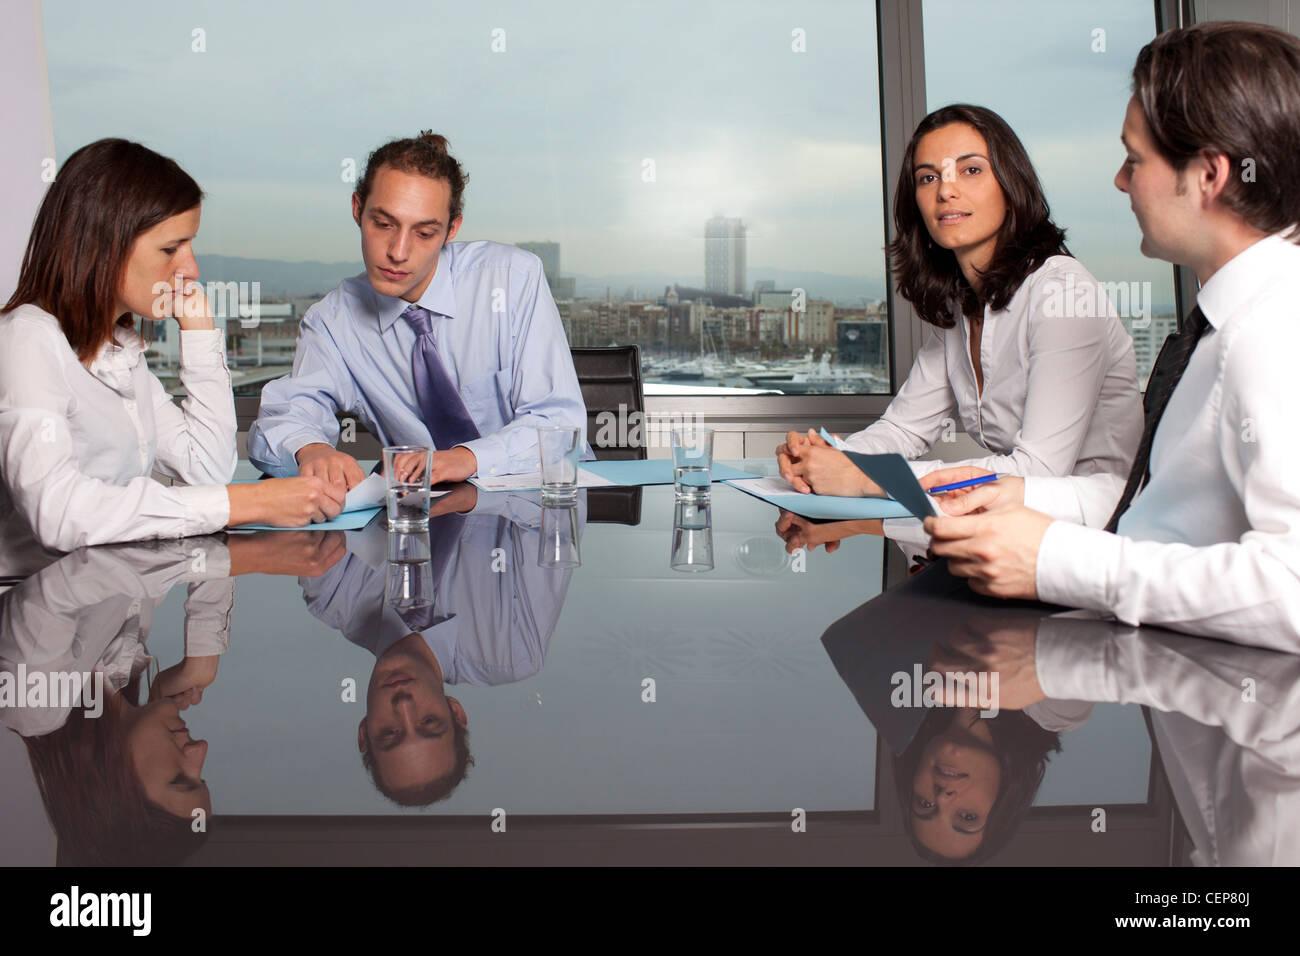 Absprache mit männlichen Finanzberater in ein schönes Büro Stockfoto